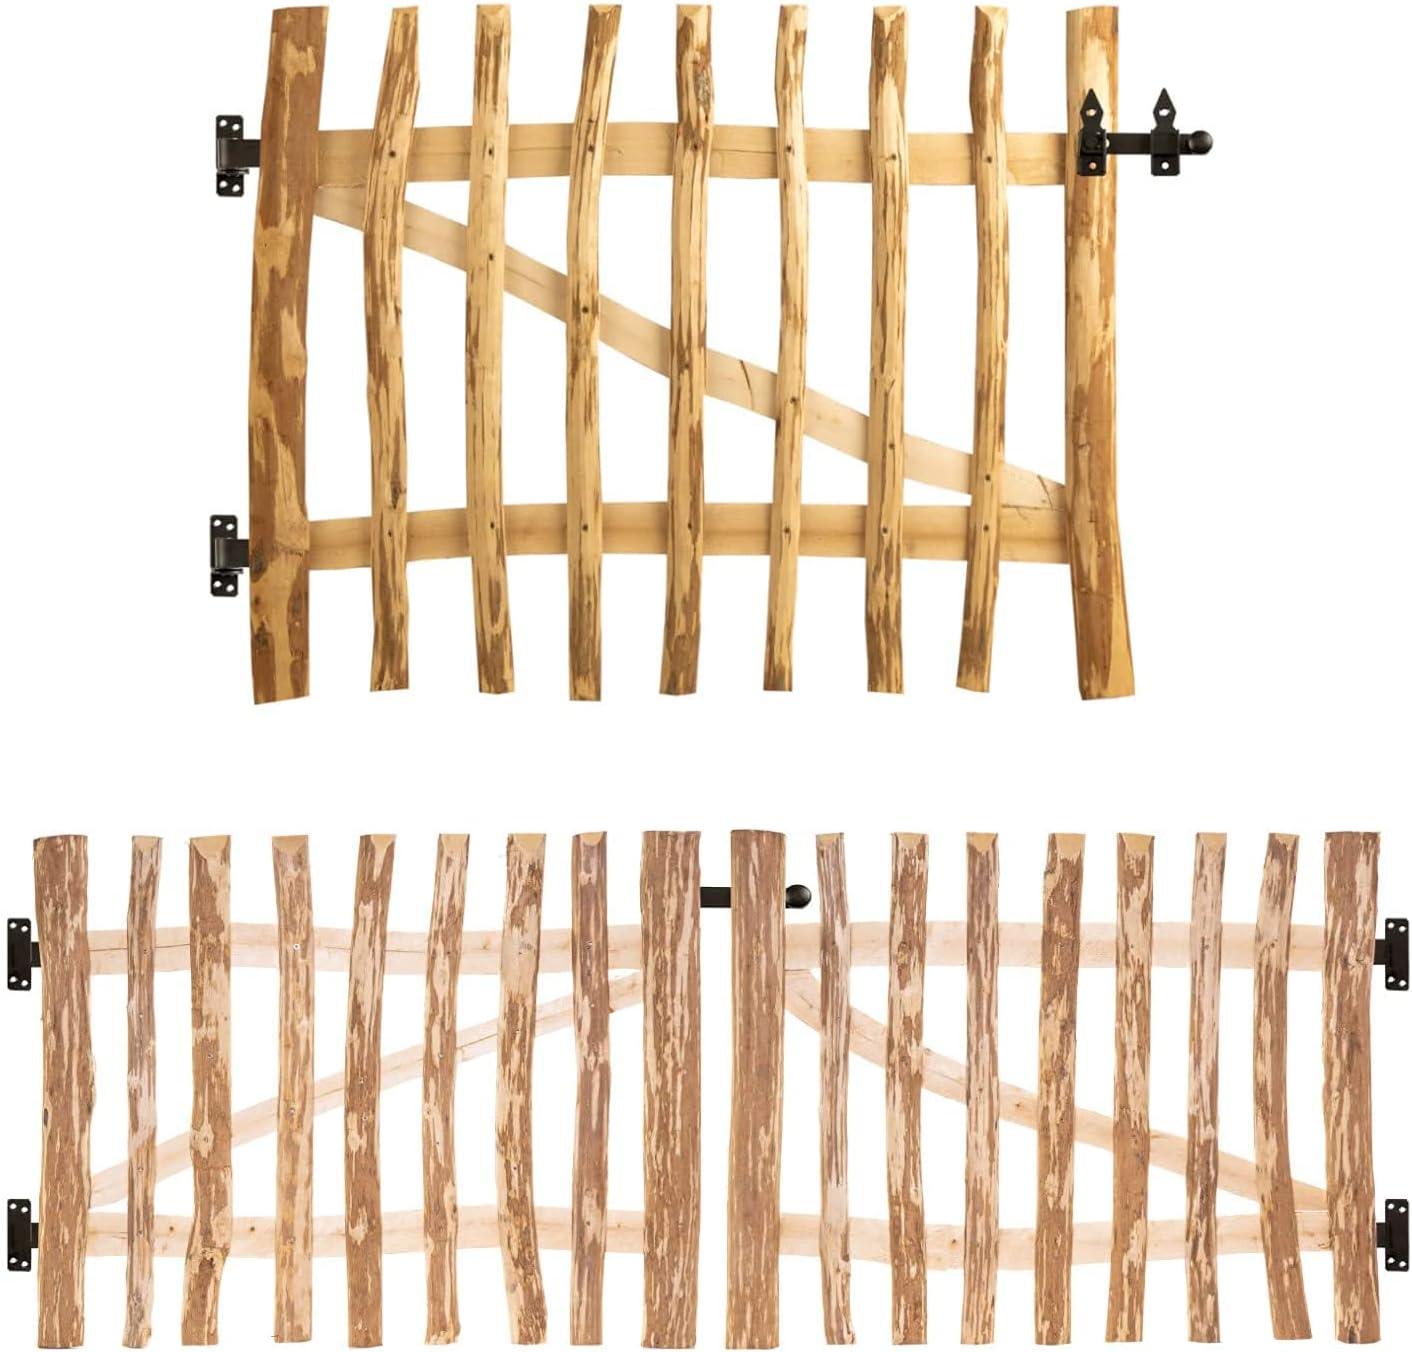 Juego de construcción de puerta de jardín de avellana, 120 tamaños, 80-300 cm de ancho, 80-150 cm de alto, distancia entre láminas de 3-5 o 7-9 cm, ancho 110 cm, altura 140 cm, 7-9 cm